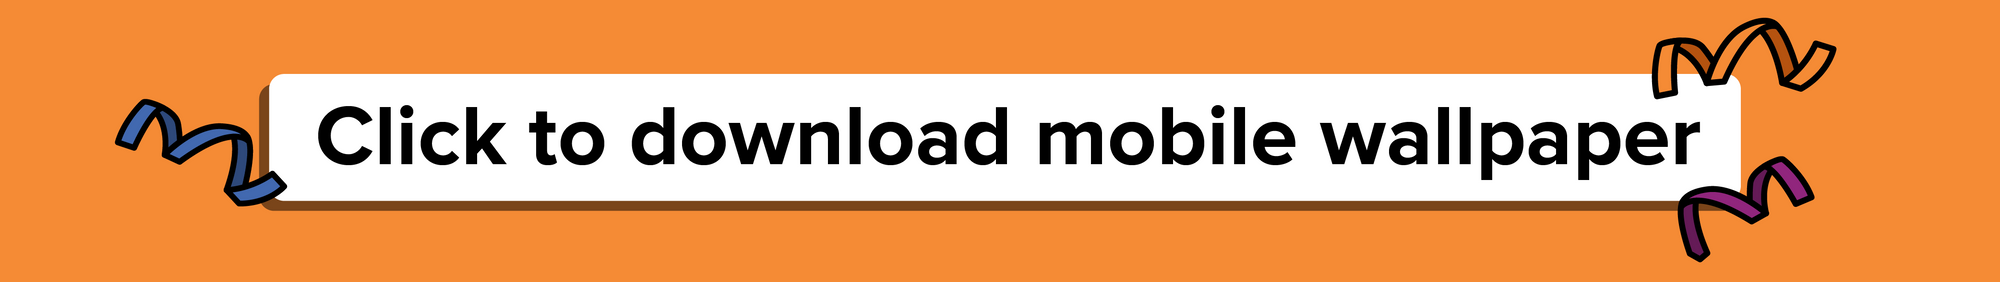 Yak-wallpaper_mobile-download-05